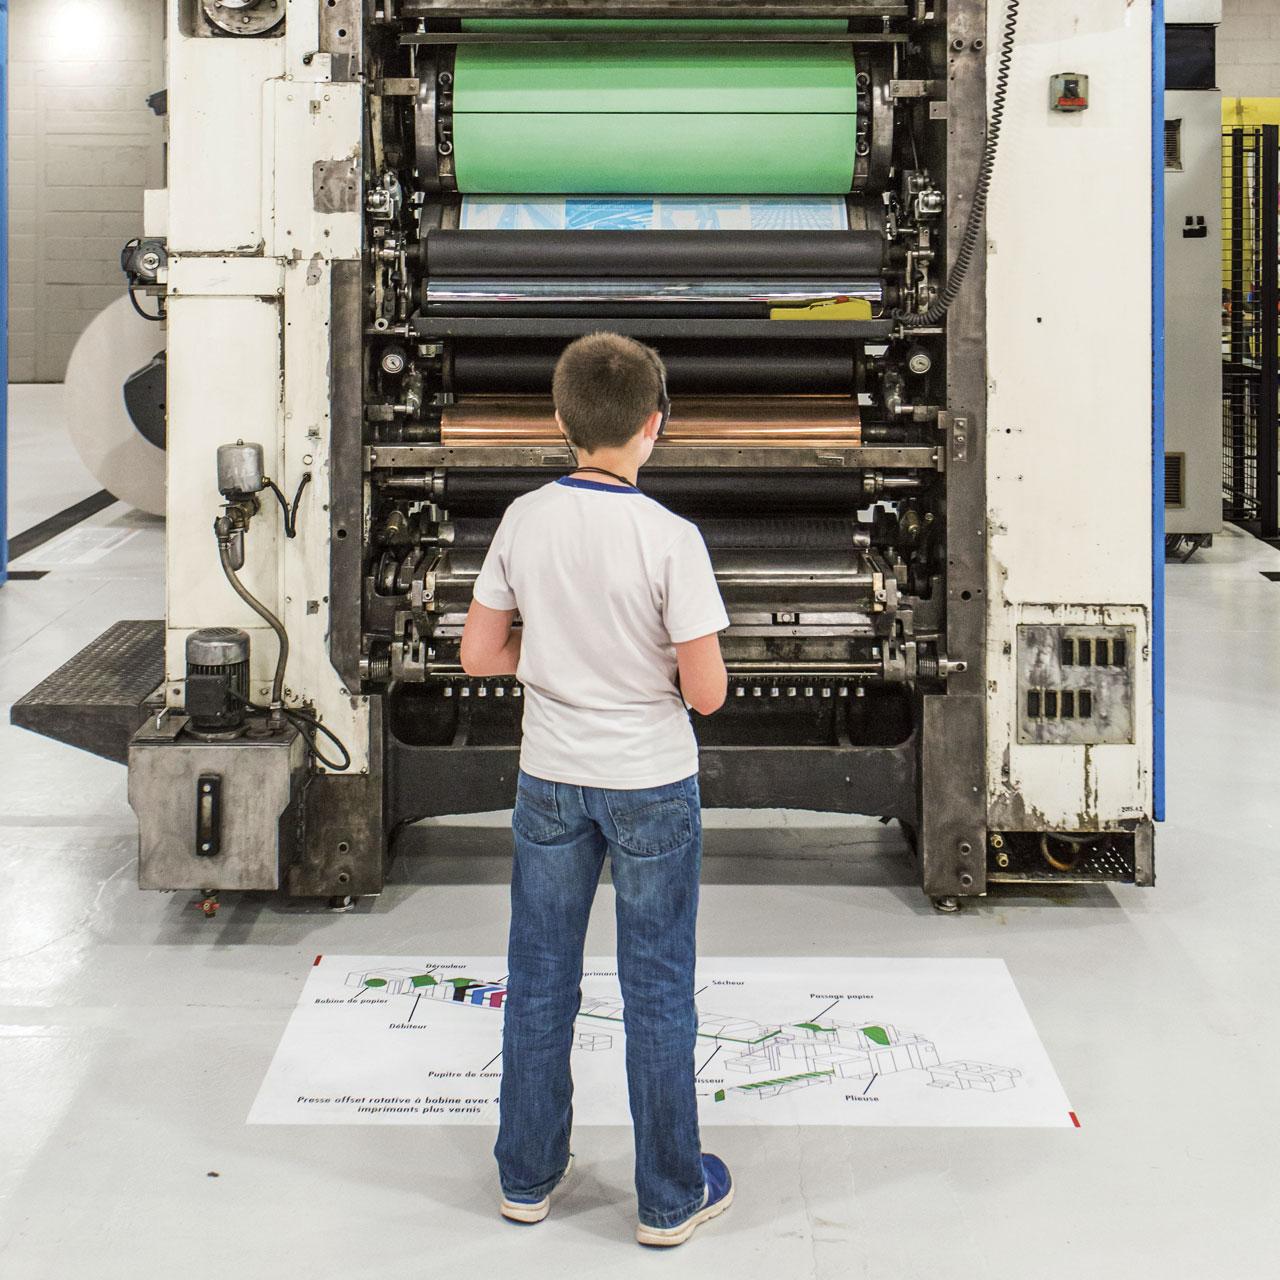 Machine en fonctionnement - Atelier - AMI - Atelier Musée de l'Imprimerie - Malesherbes France